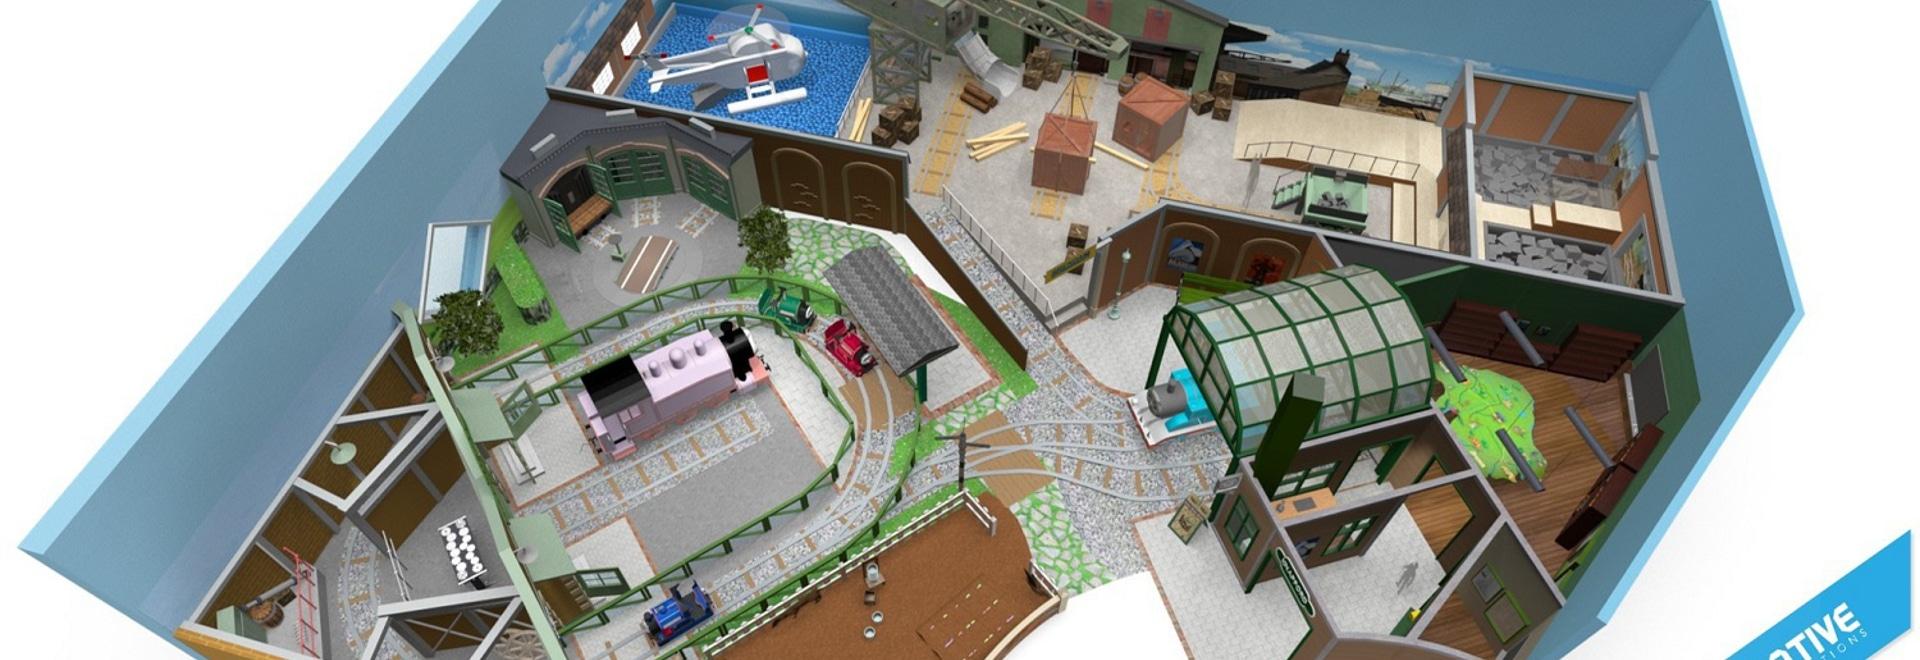 Lappset e le marche iconiche di Mattel vengono insieme a formare il gioco di Mattel! Sevenum nei Paesi Bassi